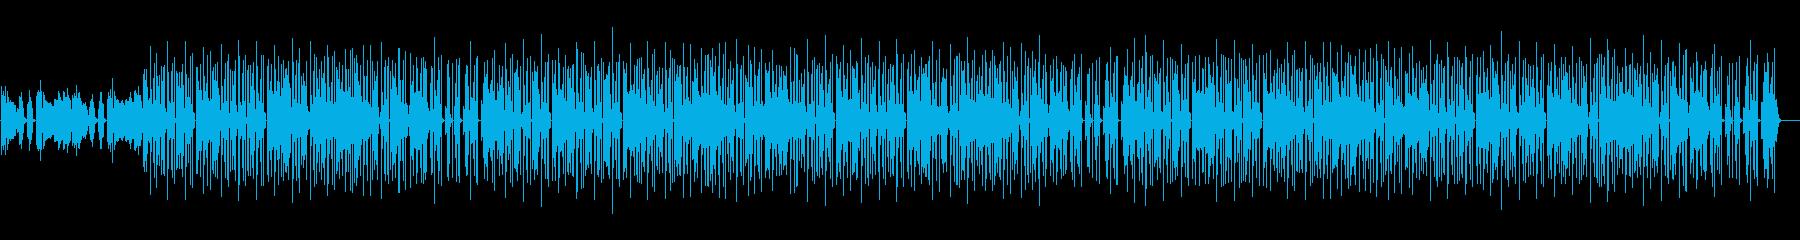 ムーディー・夜・カクテル・おしゃれR&Bの再生済みの波形